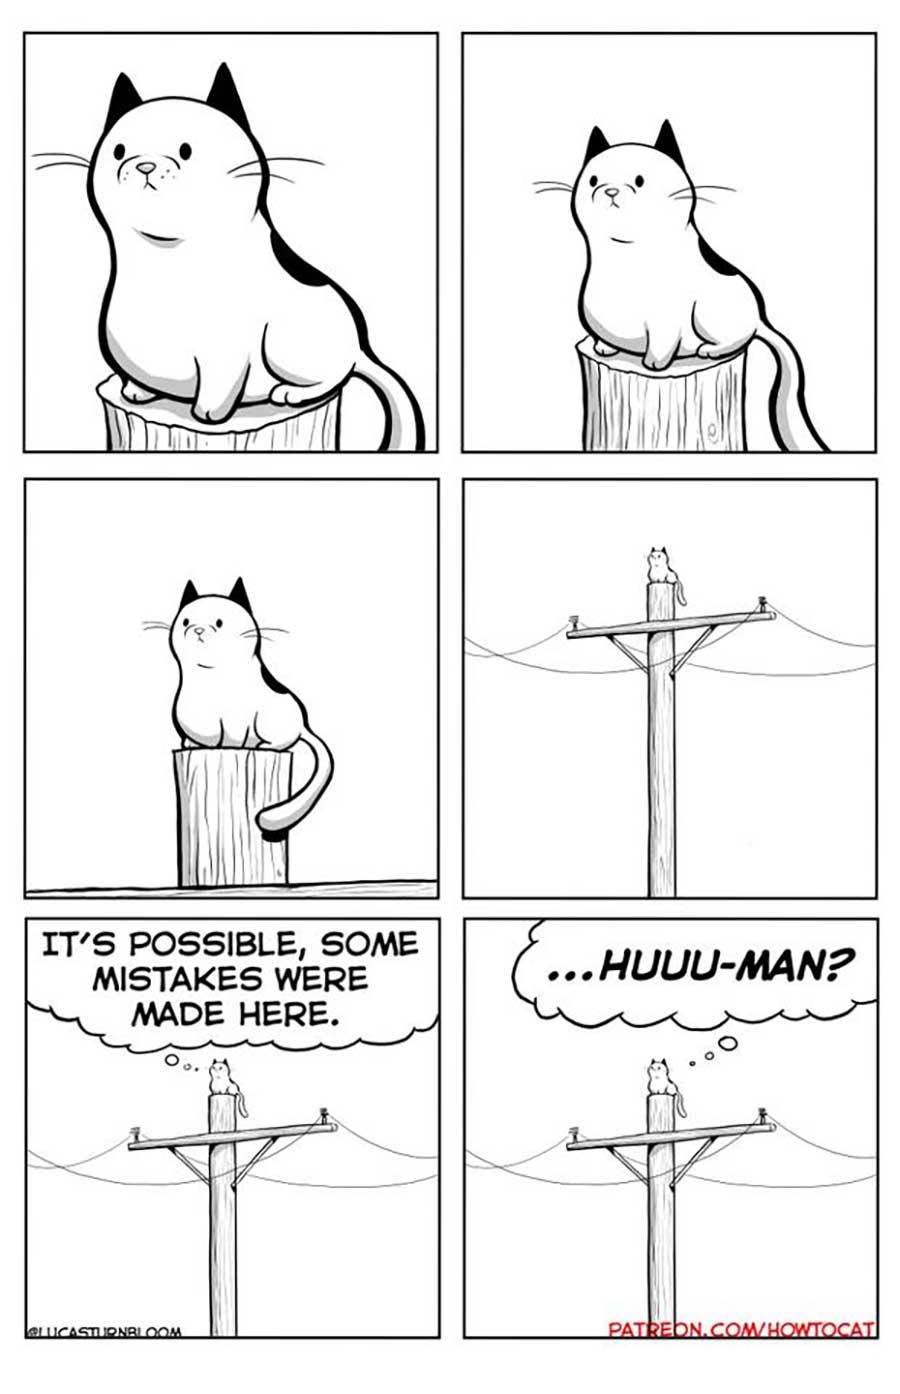 Das Leben mit einer Katze im Comic how-to-cat-Lucas-Turnbloom_12